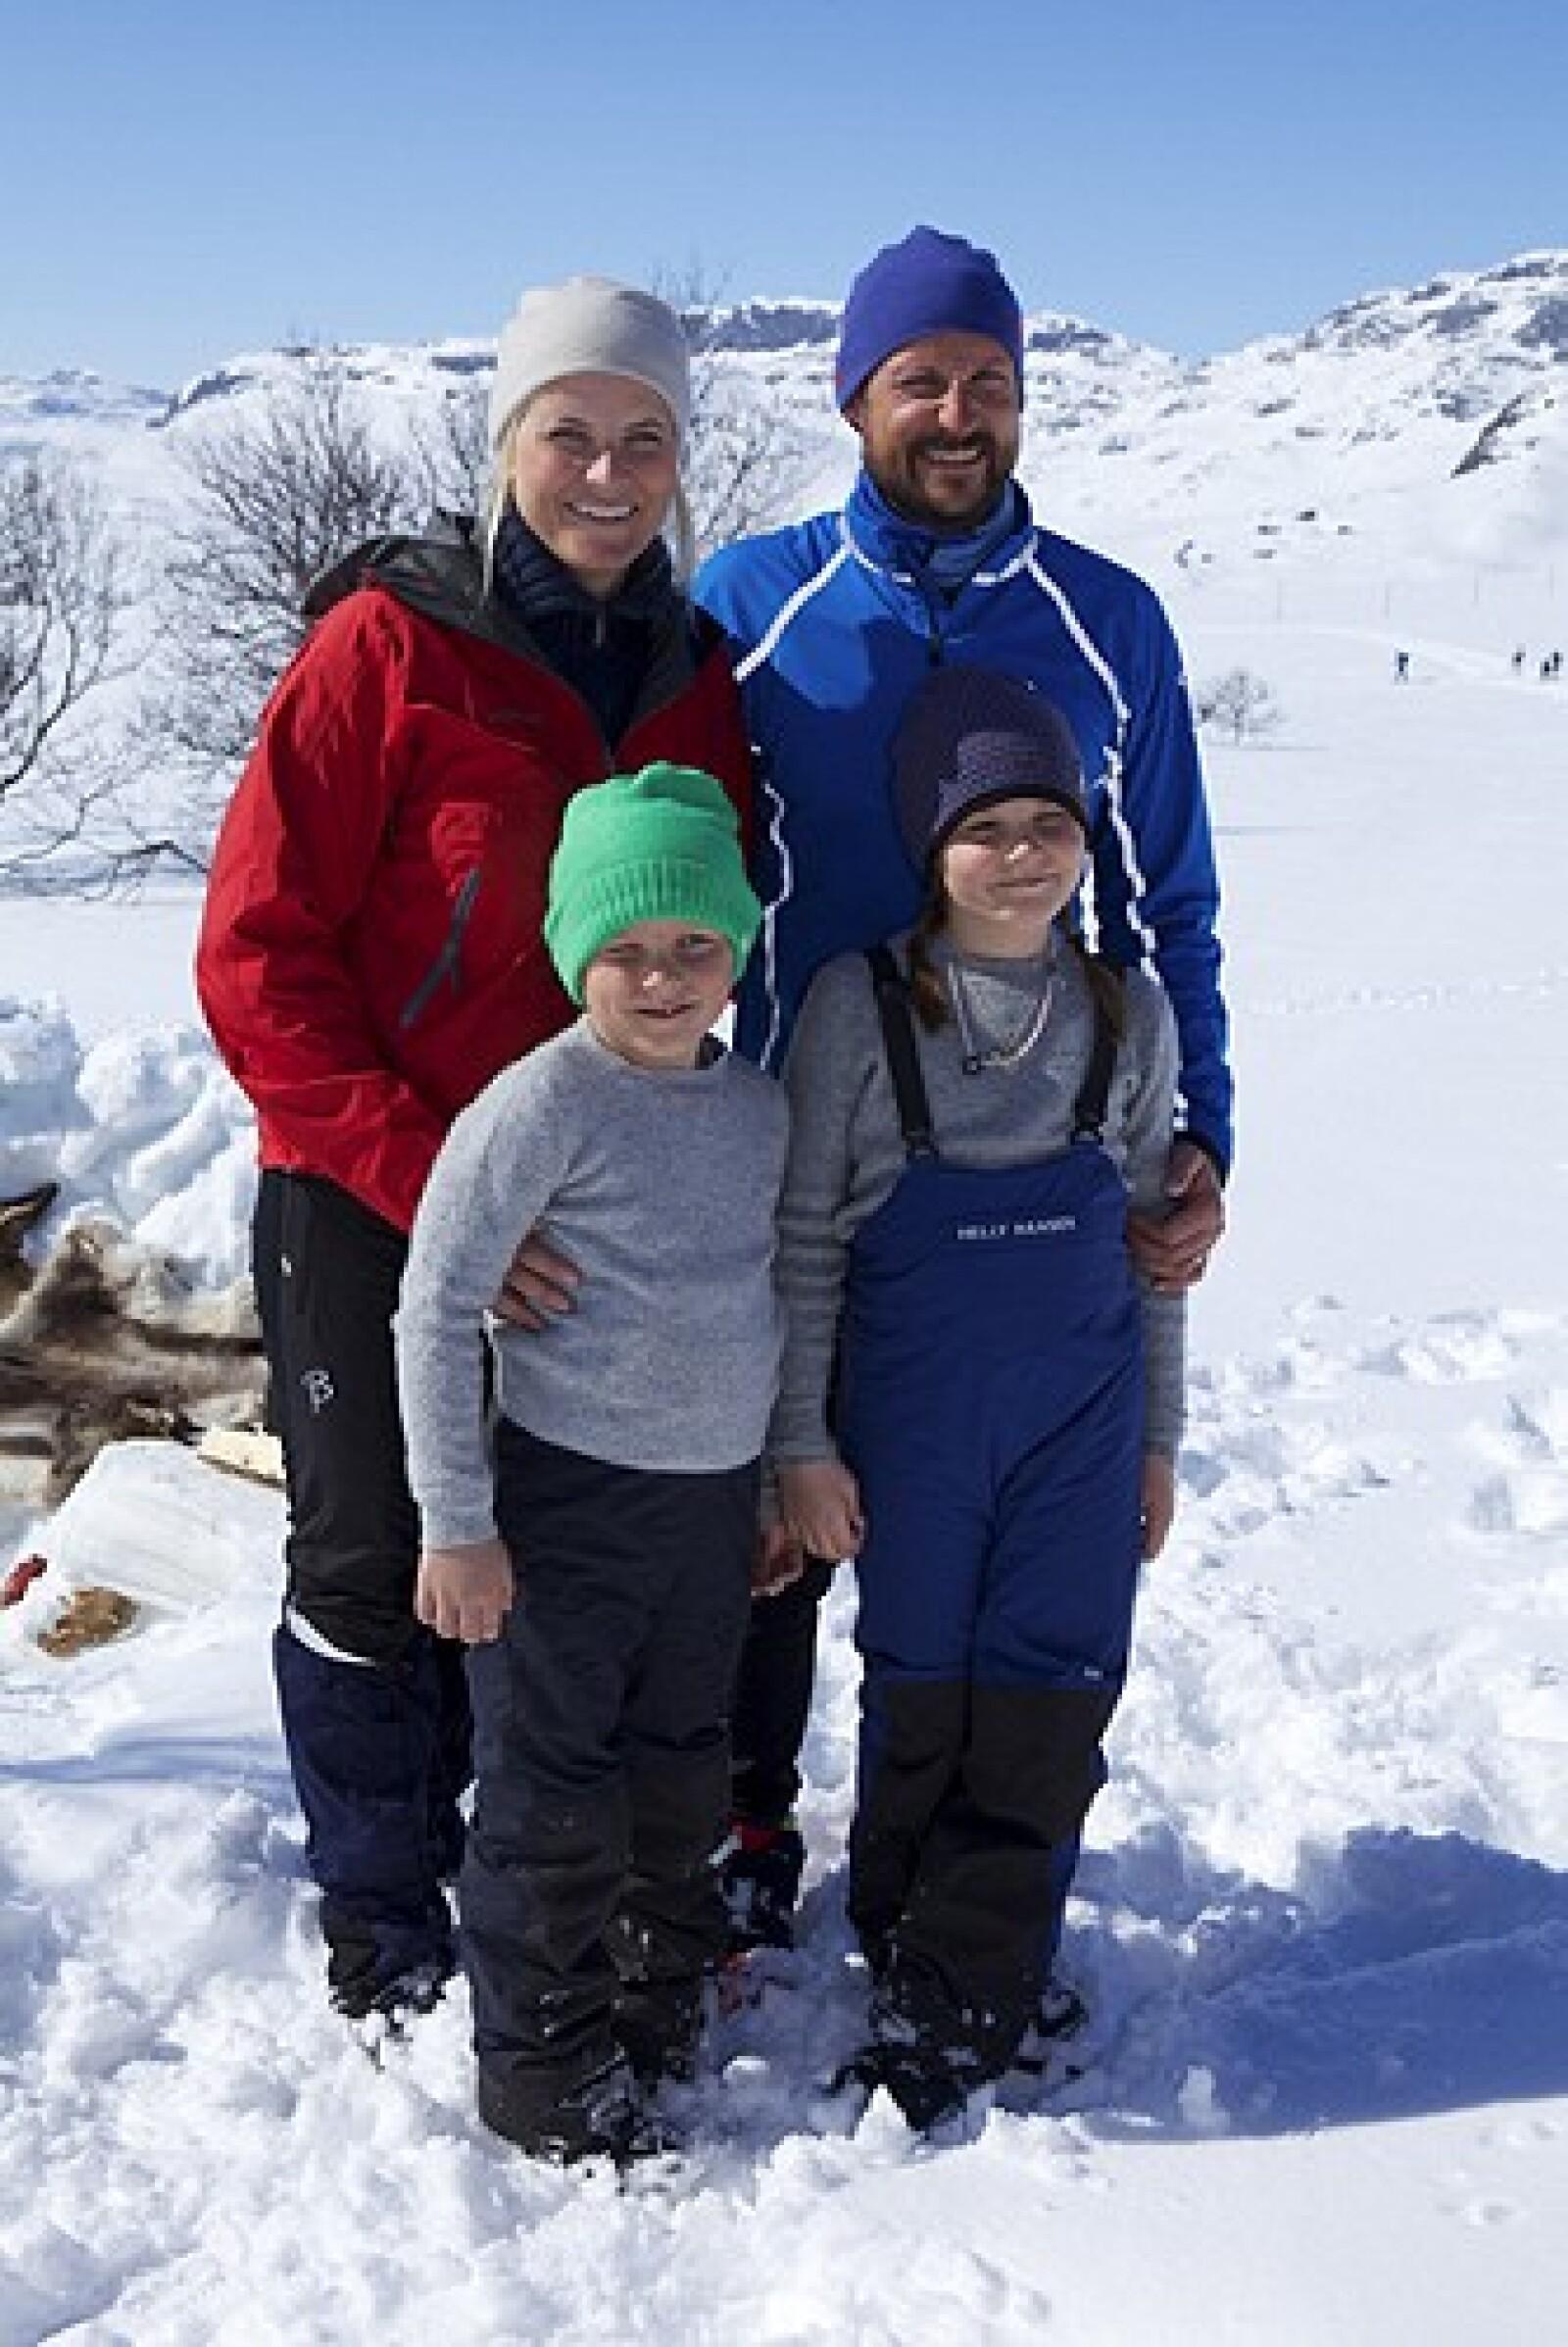 El prínicpe Haakon tiene 2 hijos, Ingrid Alexandra y Sverre Magnus.